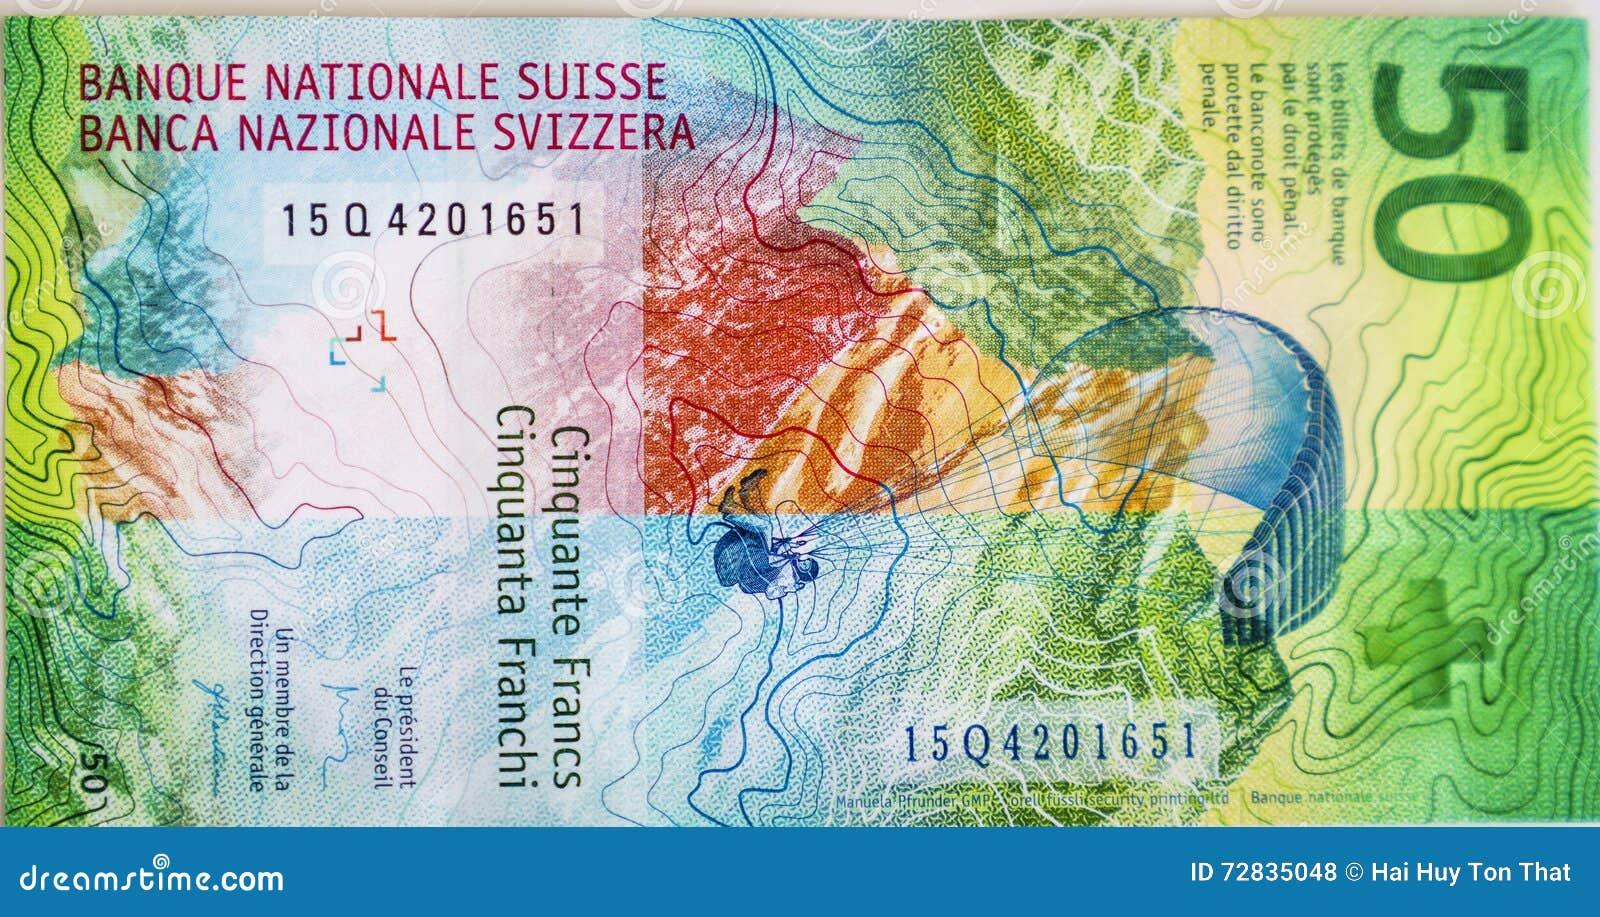 Newly 50 Swiss Franc bills